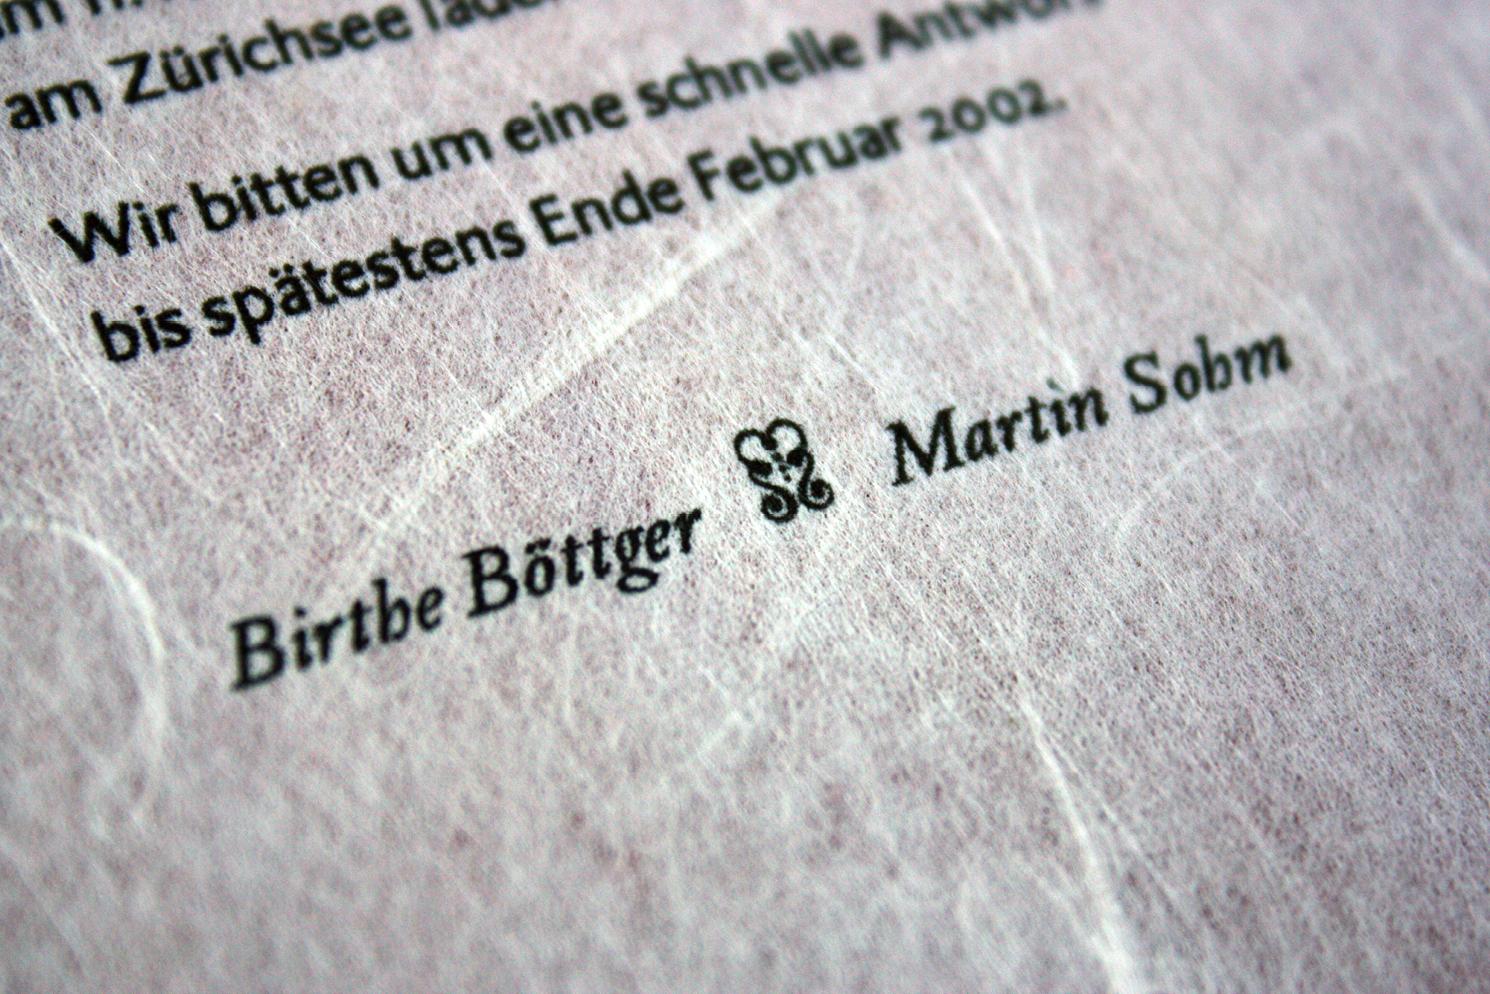 birthe_martin_slider2